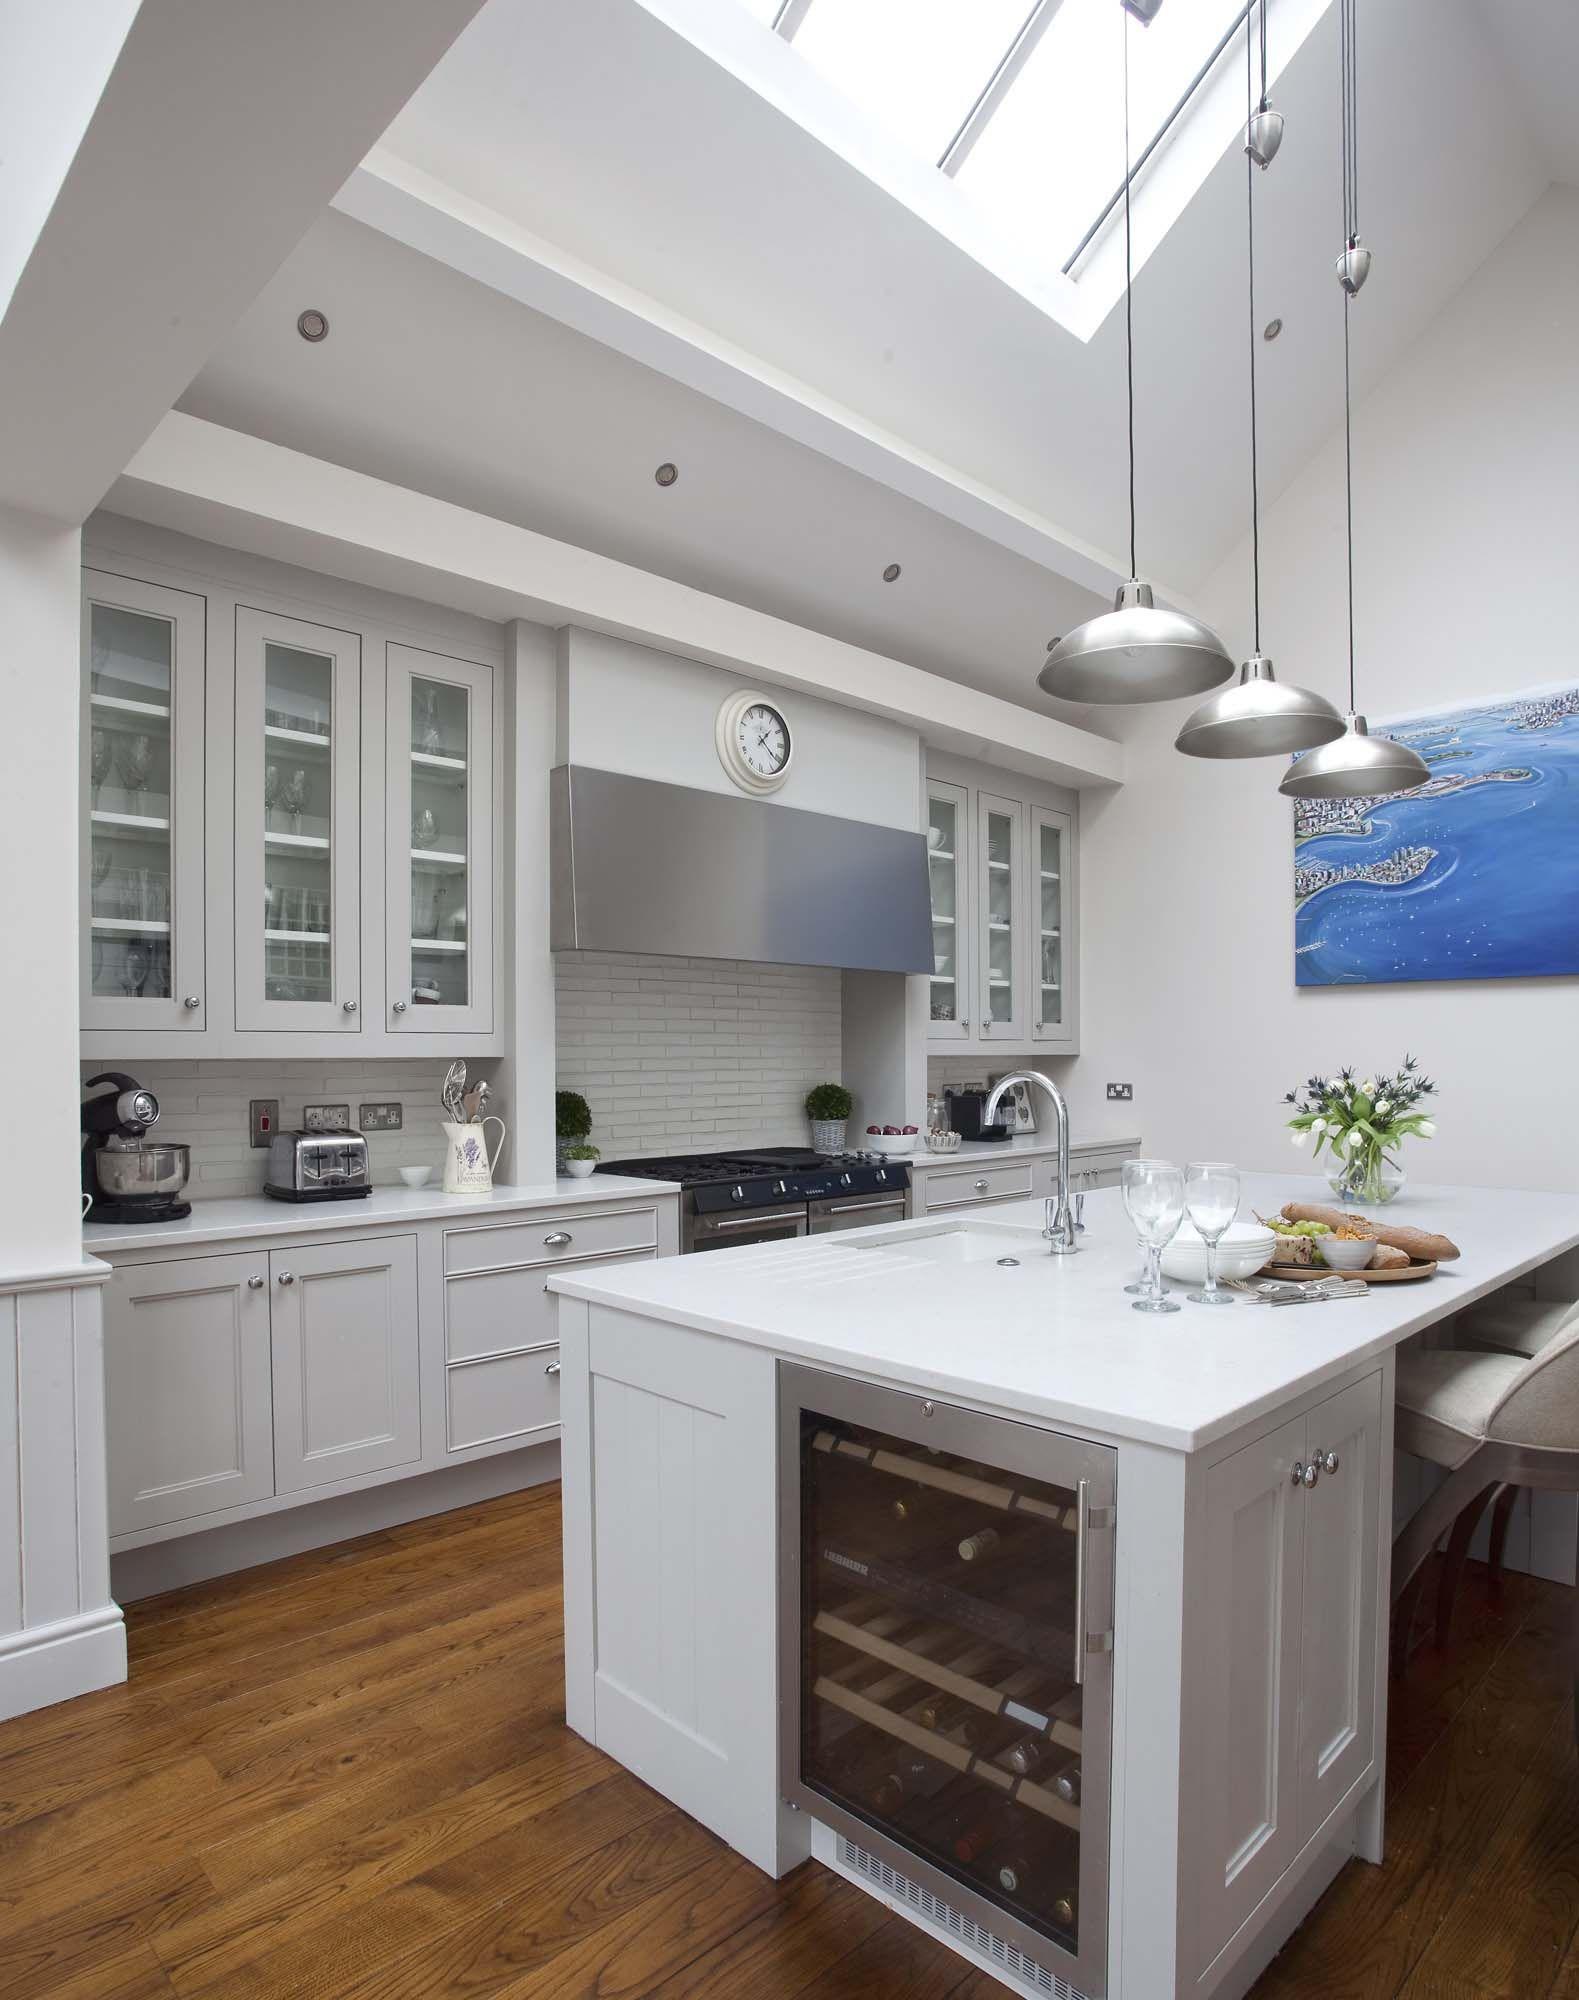 New England Kitchen Kitchen remodel layout, Kitchen design